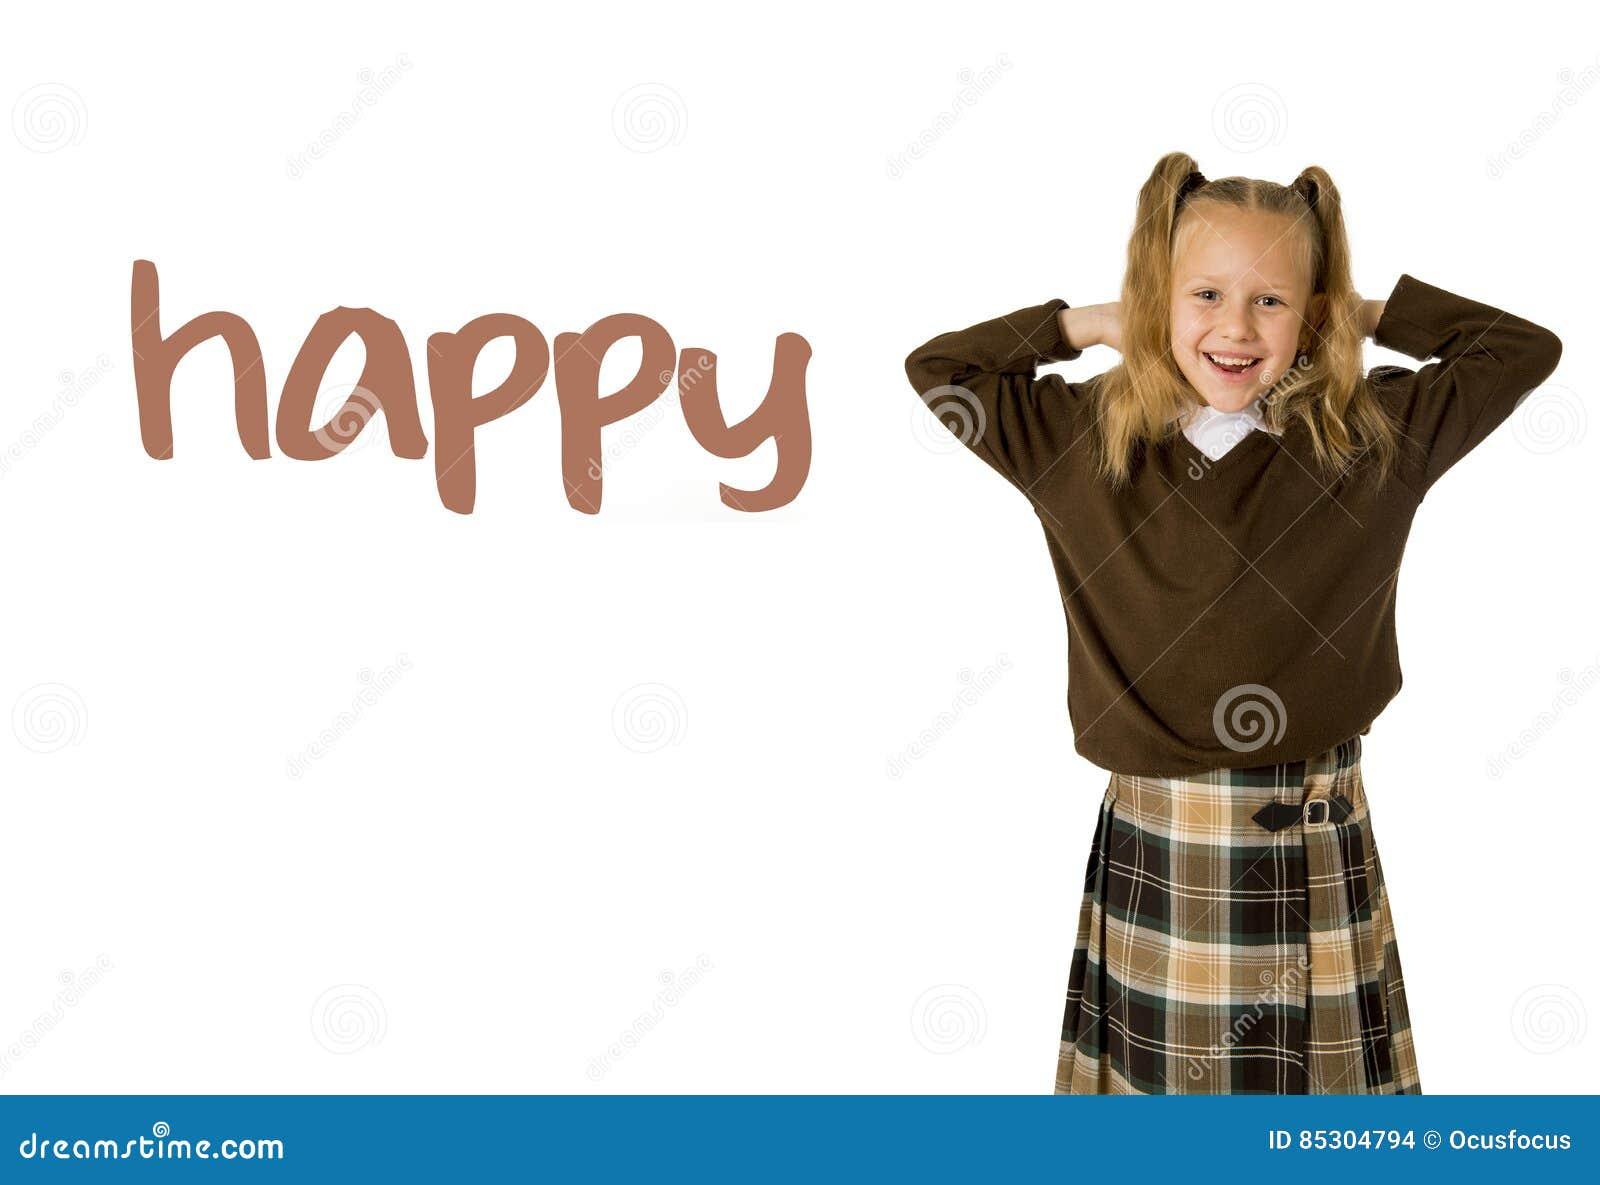 Σχολική κάρτα λεξιλογίου εκμάθησης αγγλικής γλώσσας του νέου όμορφου ευτυχούς κοριτσιού